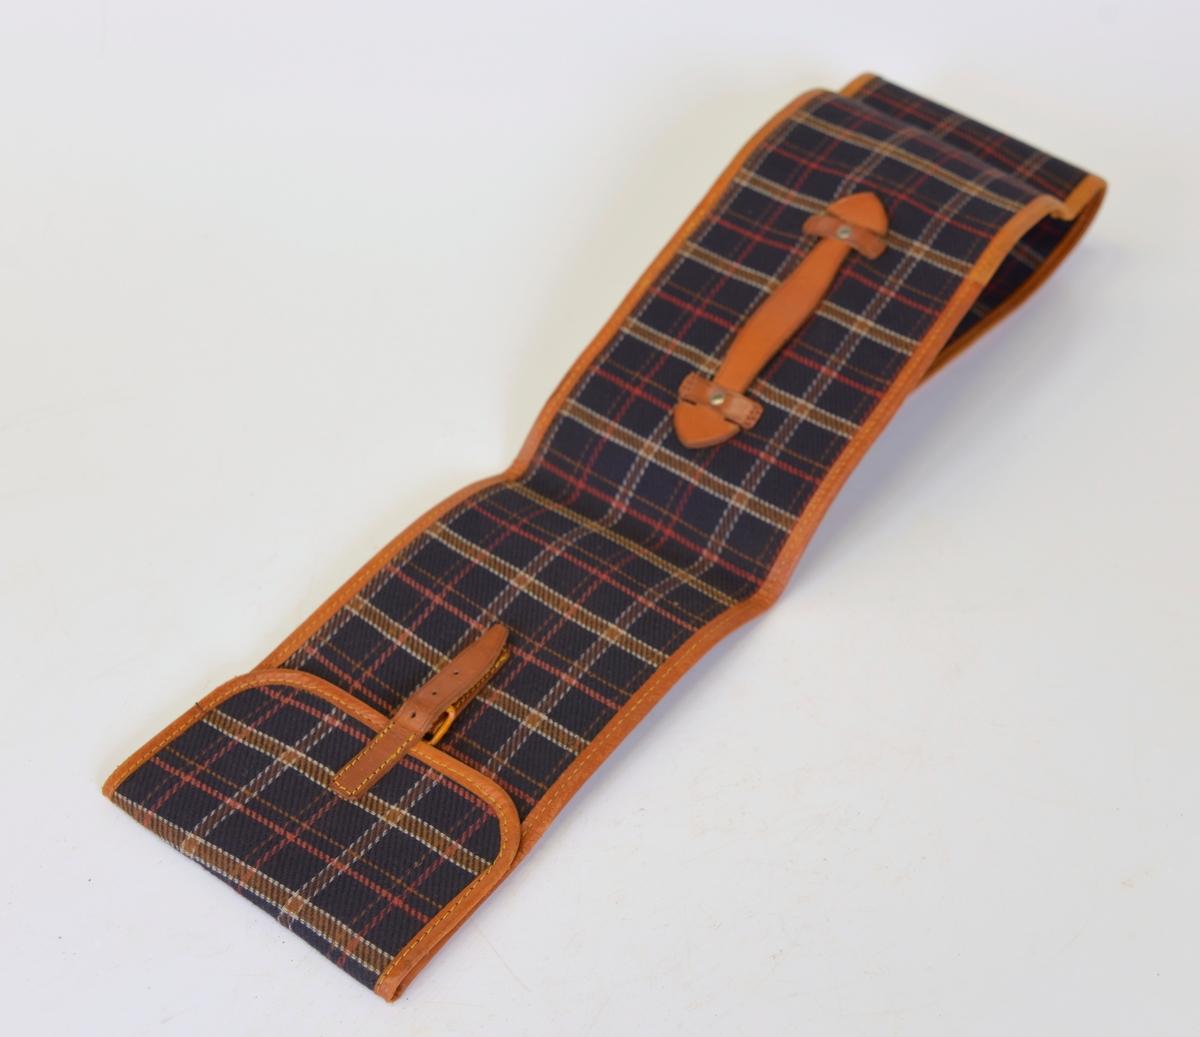 Fodral till golfklubbor. Av rutigt tyg i blått, brunt, rött och vitt. Detaljer i läder.